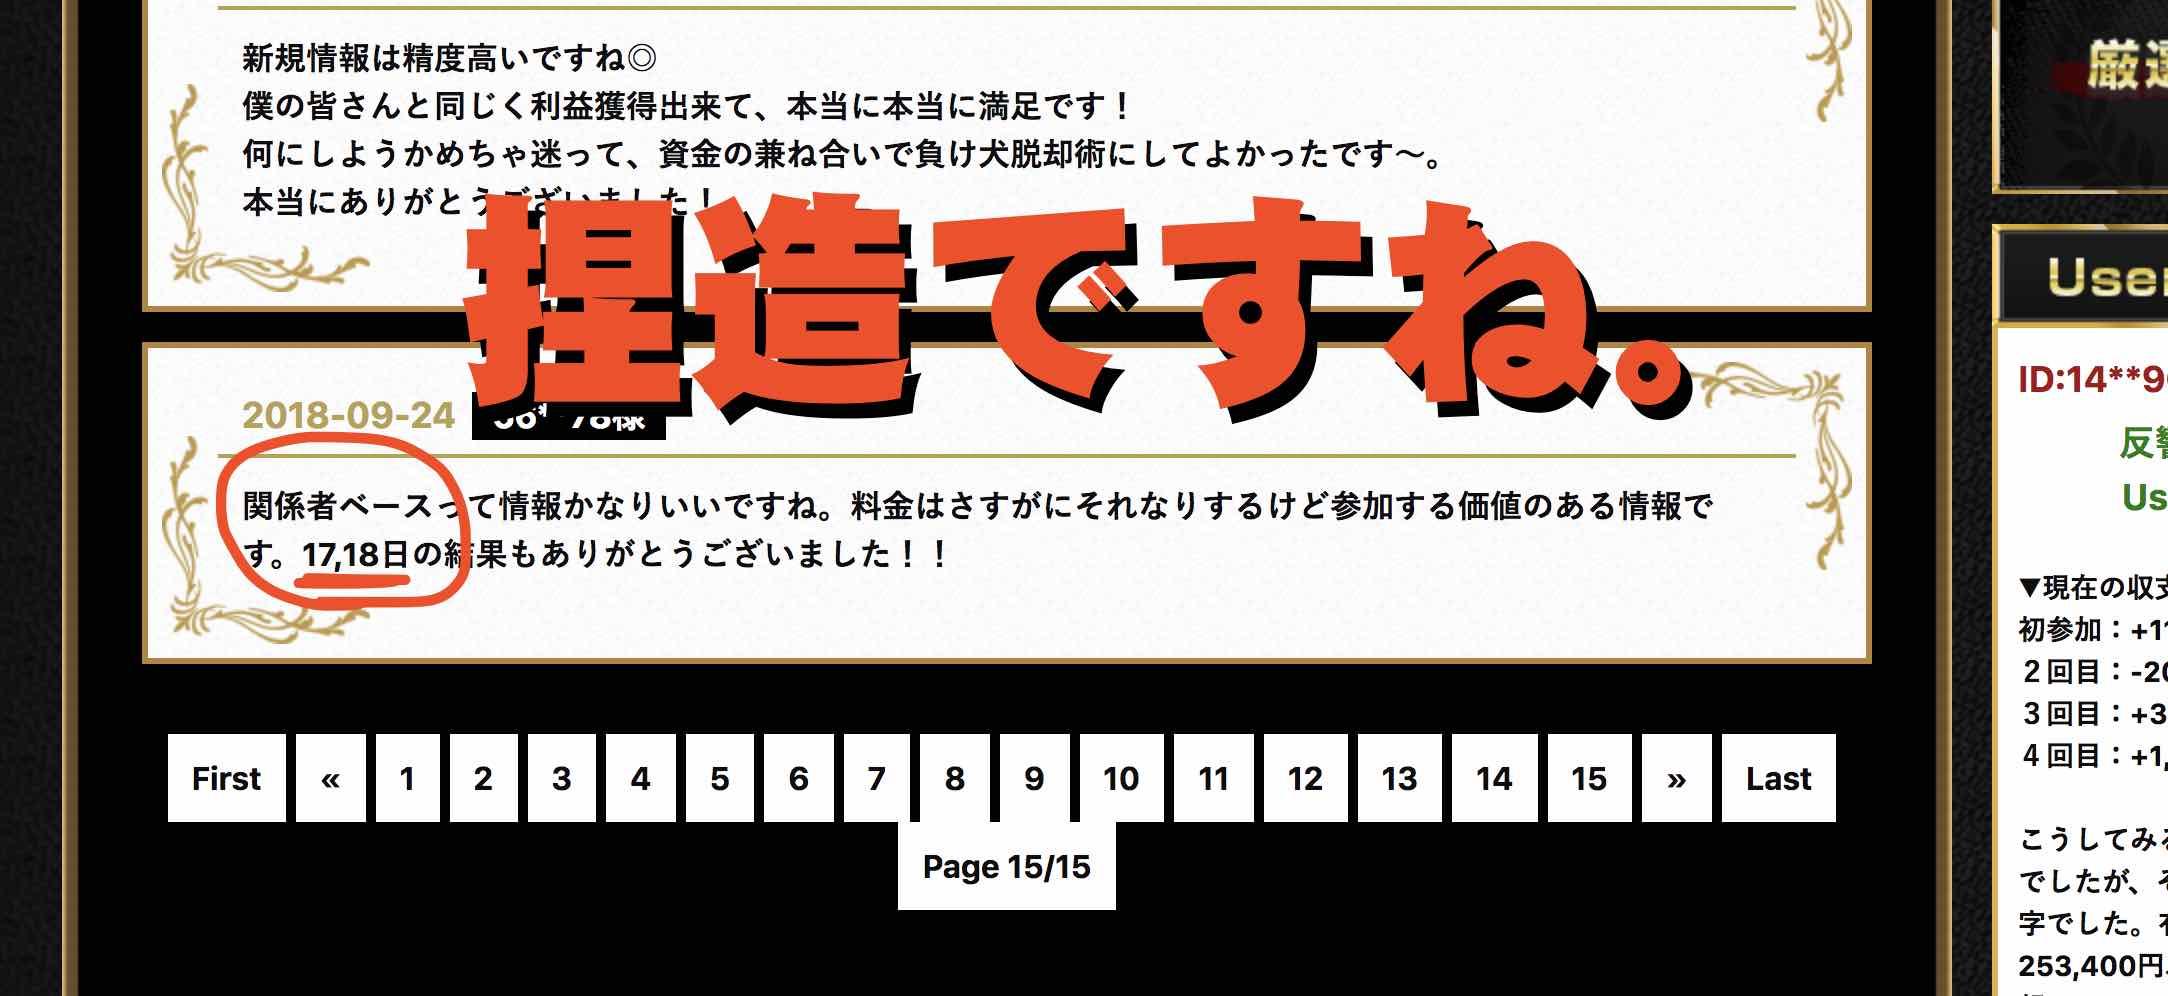 細川達成のTHE・万馬券!という競馬粗相サイトがユーザーボイスを捏造した証拠